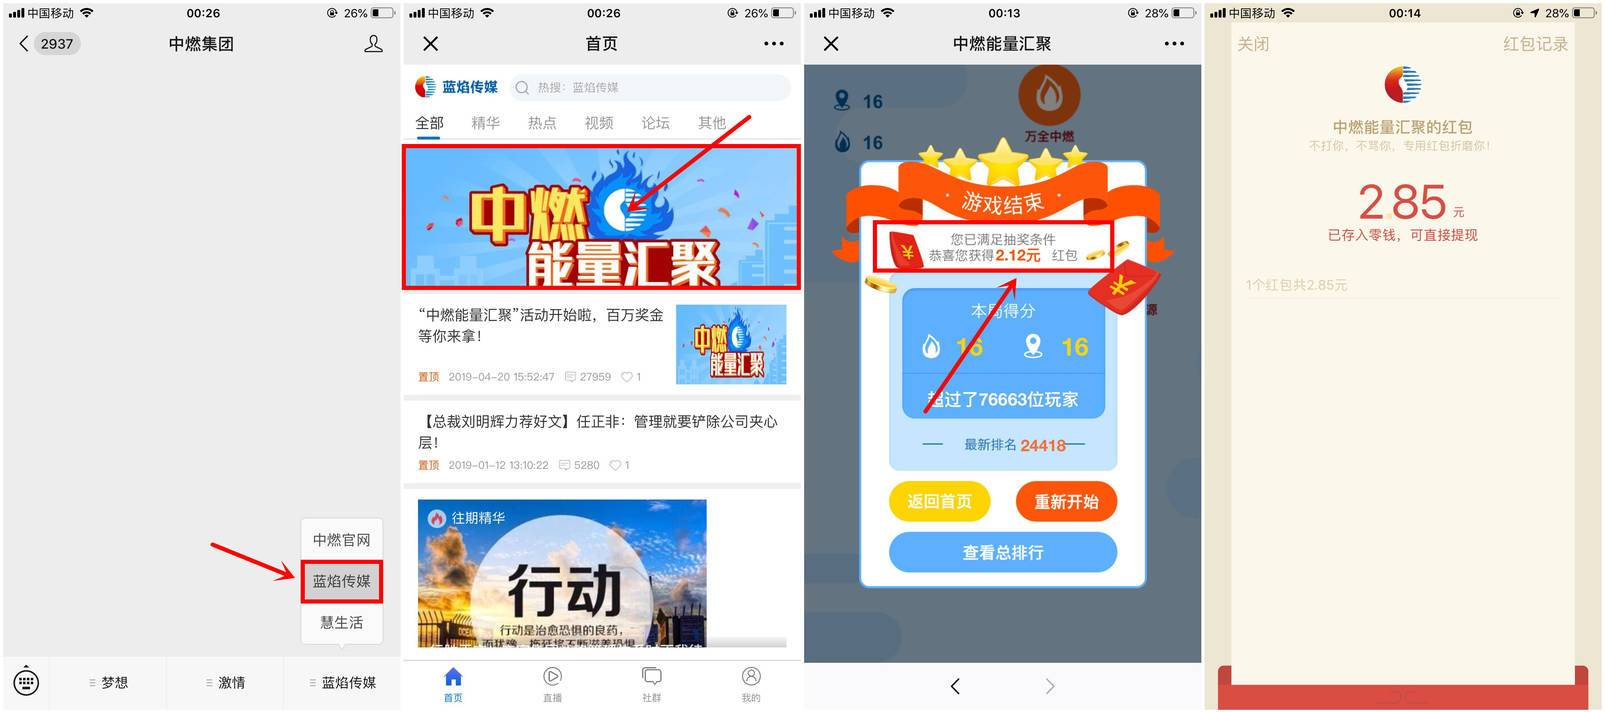 惠小助[现金红包]微信红包2.8-new.juyifx.cn